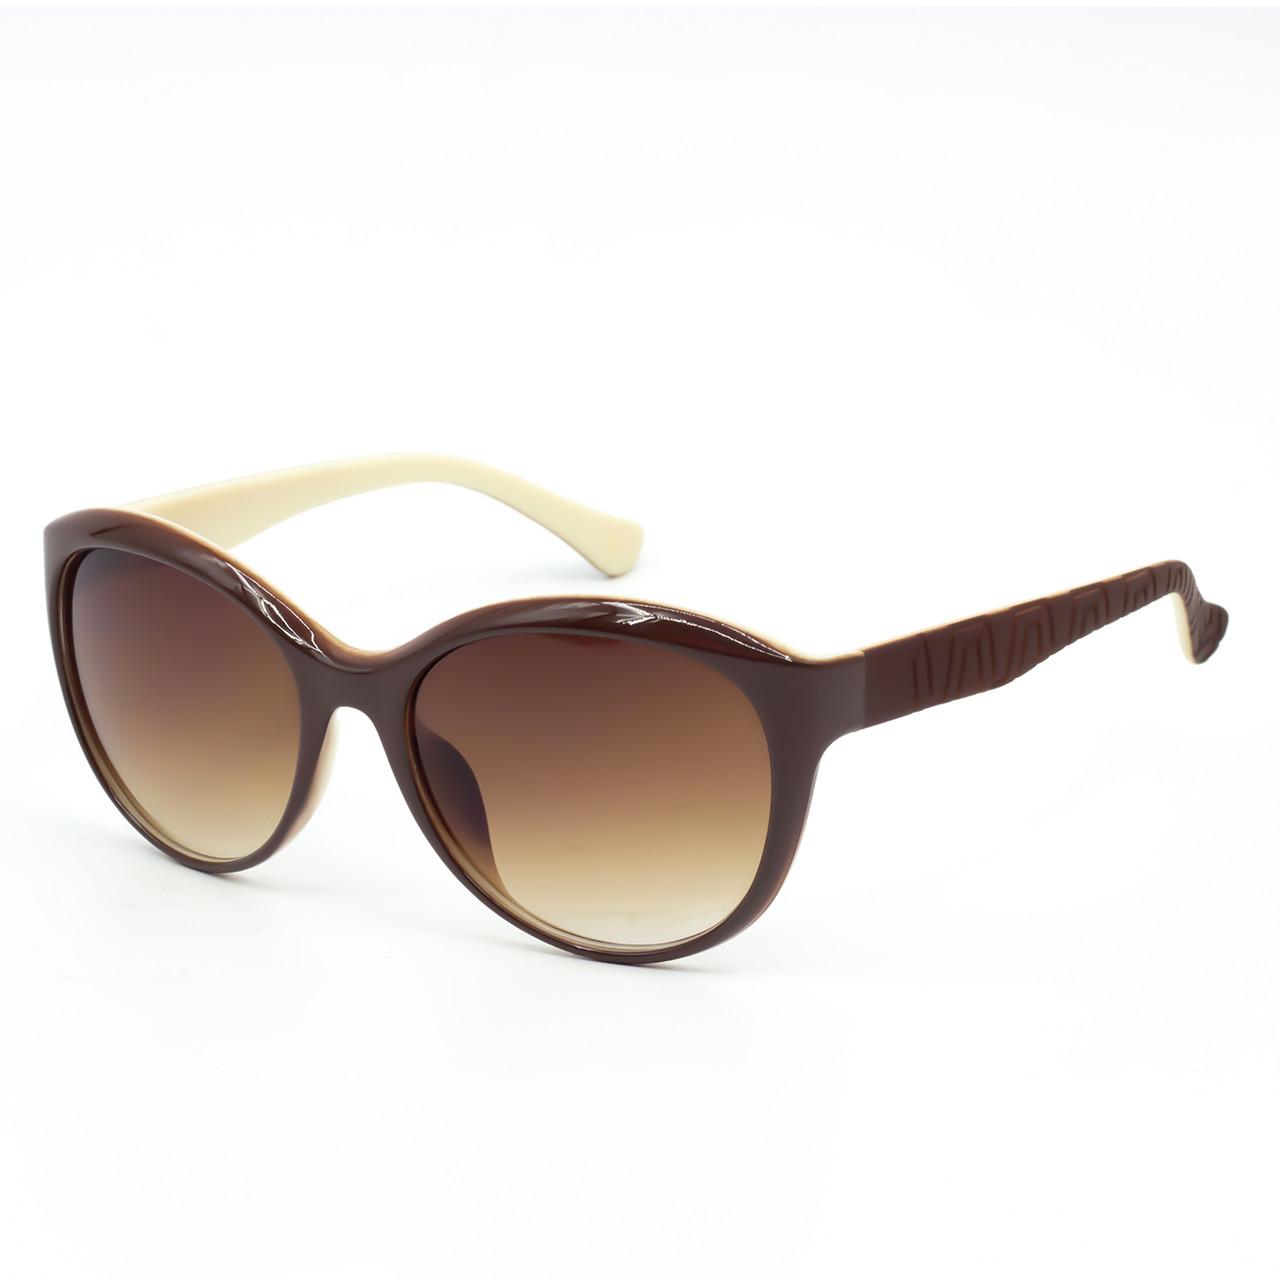 Солнцезащитные очки Marmilen 16947 C5 бежевые     ( 16947-05 )